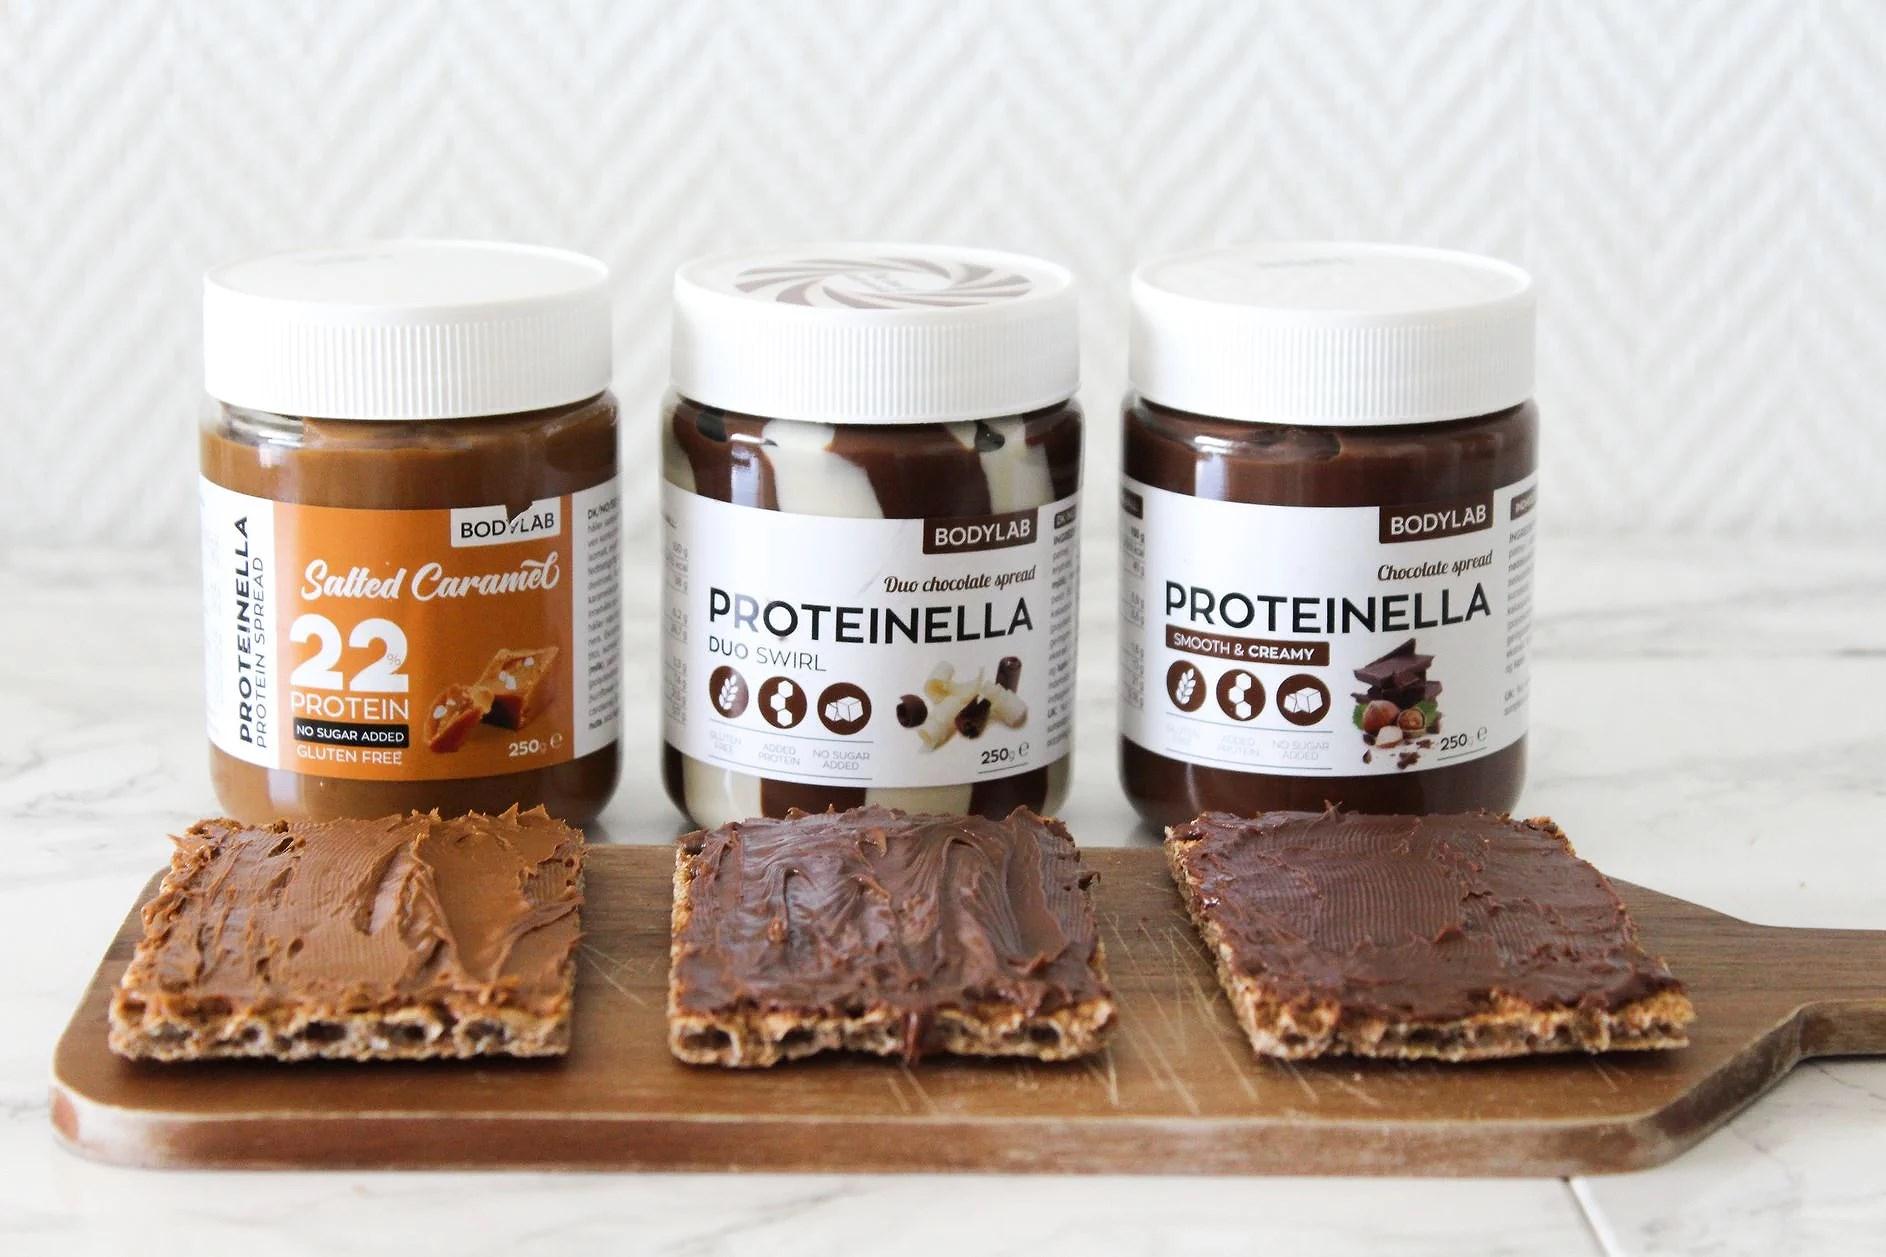 Hello there, Proteinella